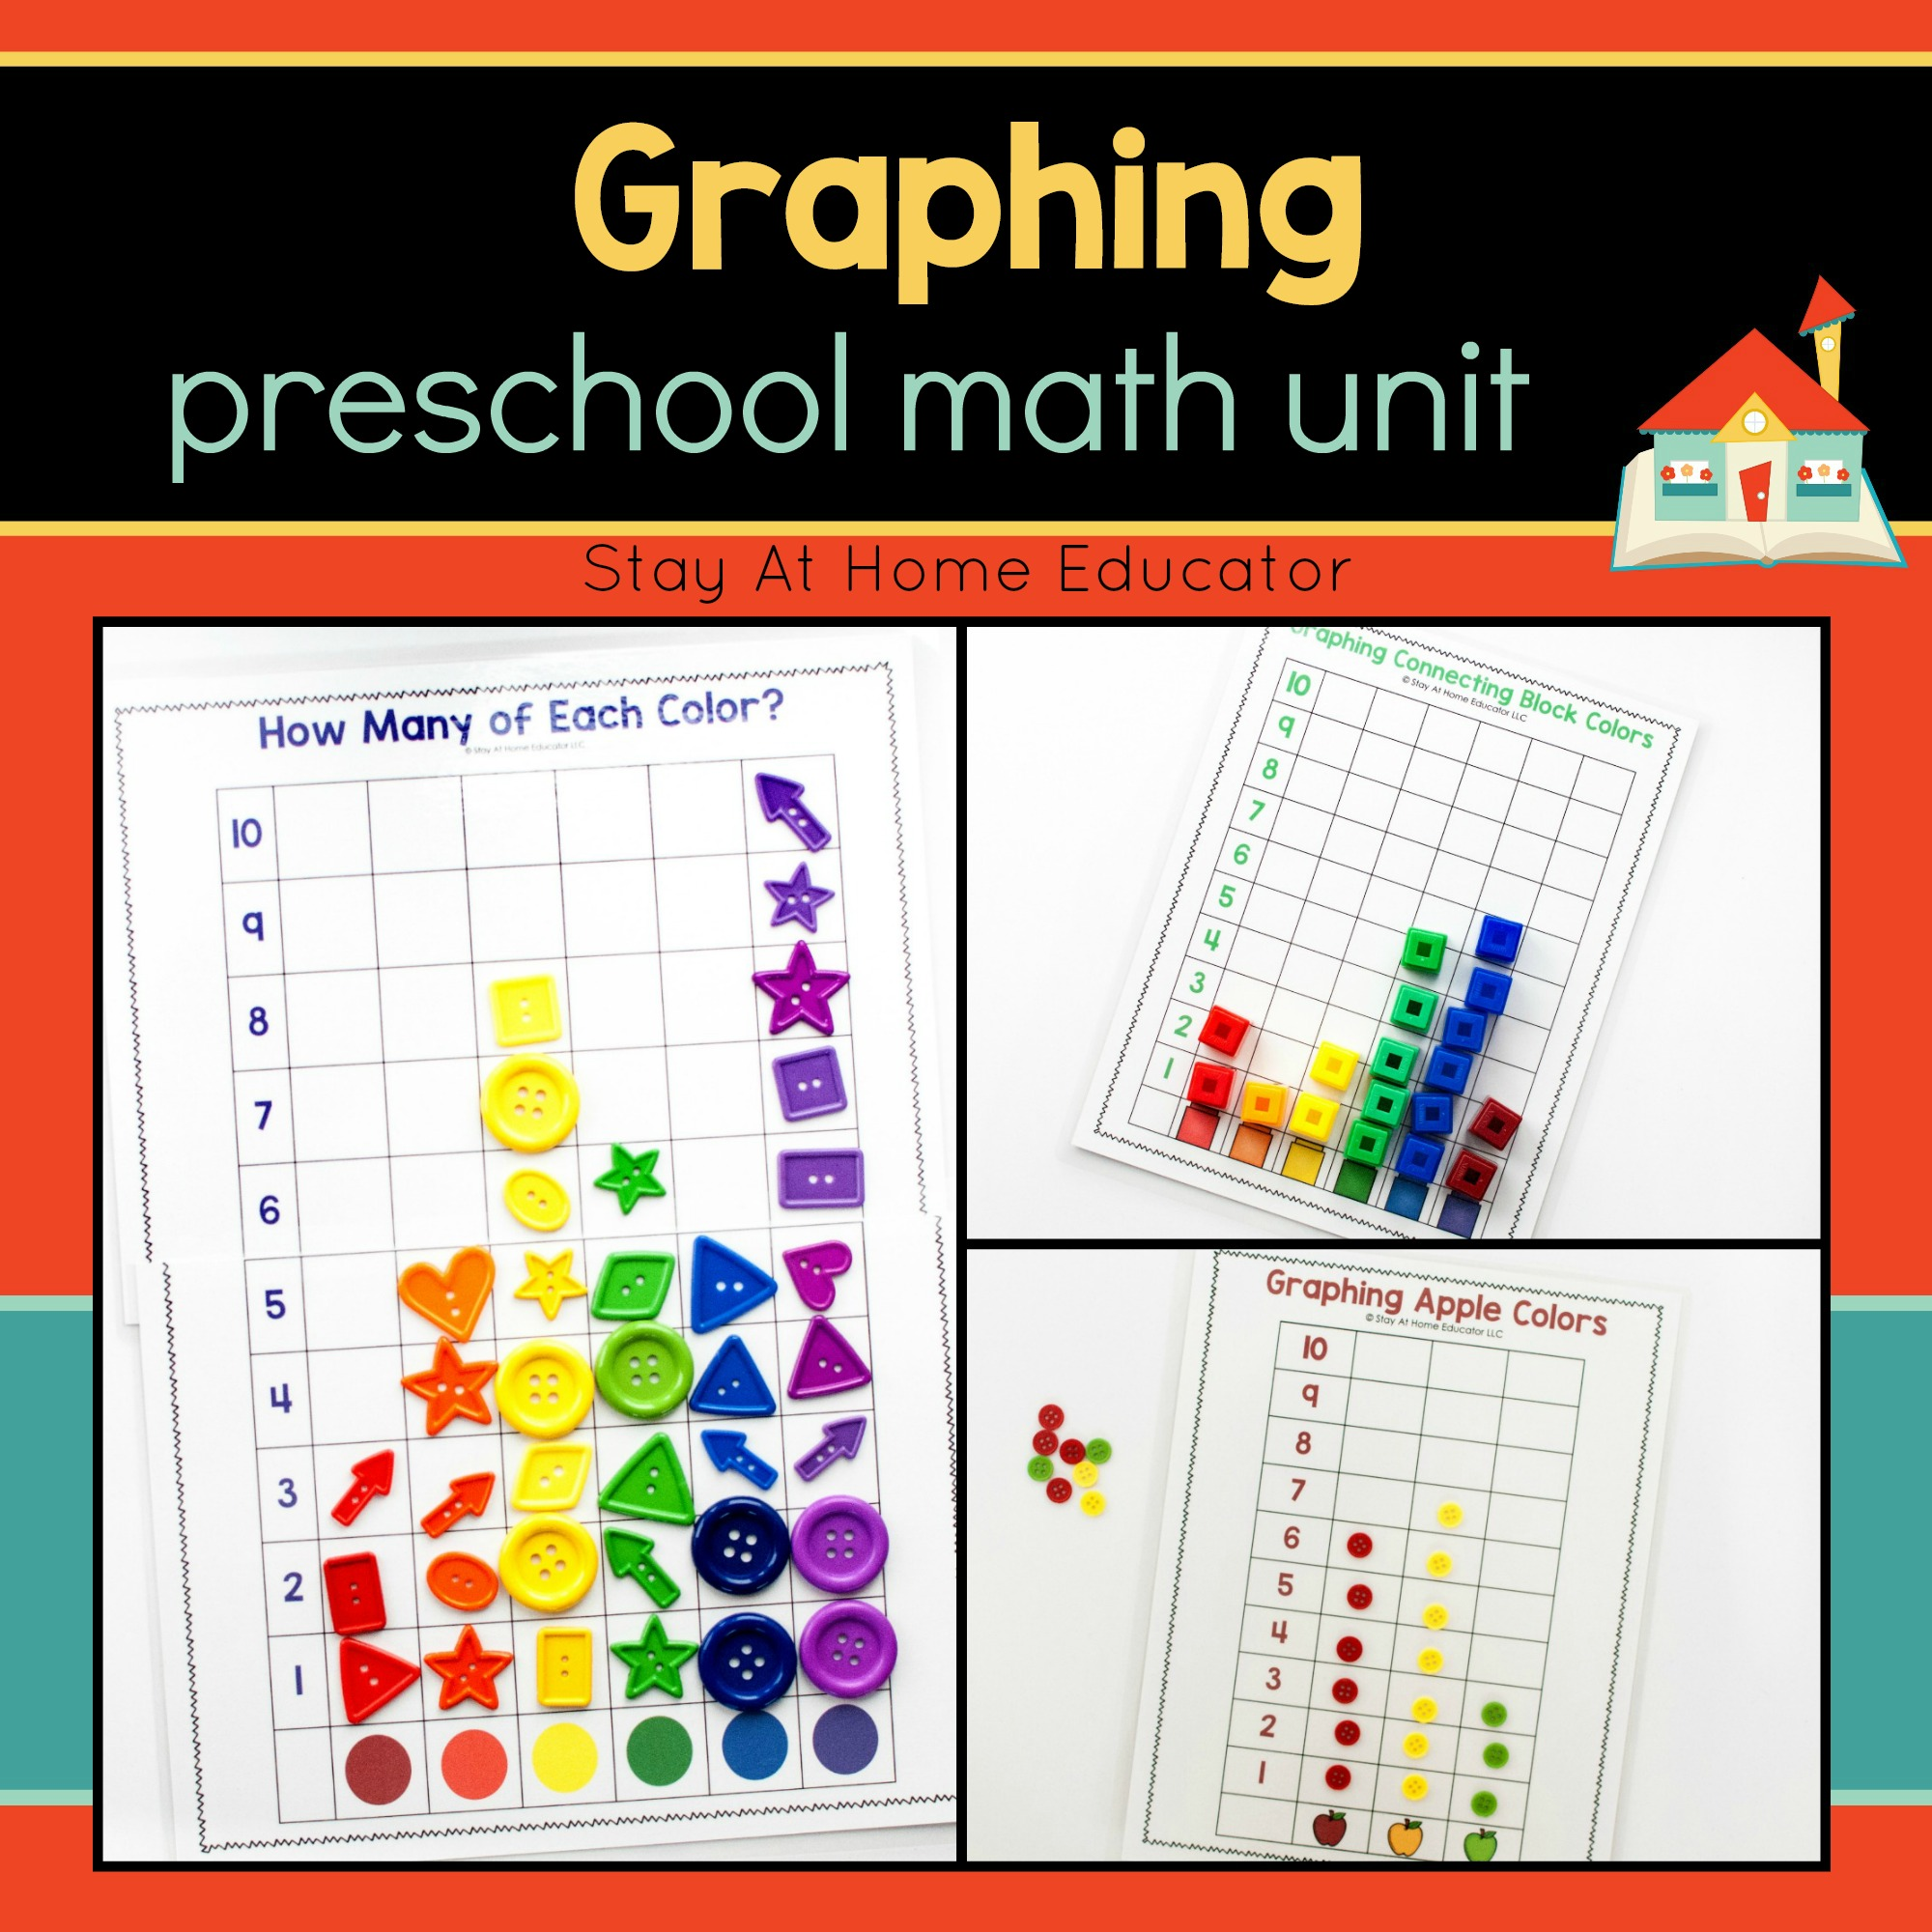 Teach Preschool Math Activities With Preschool Math Curriculum